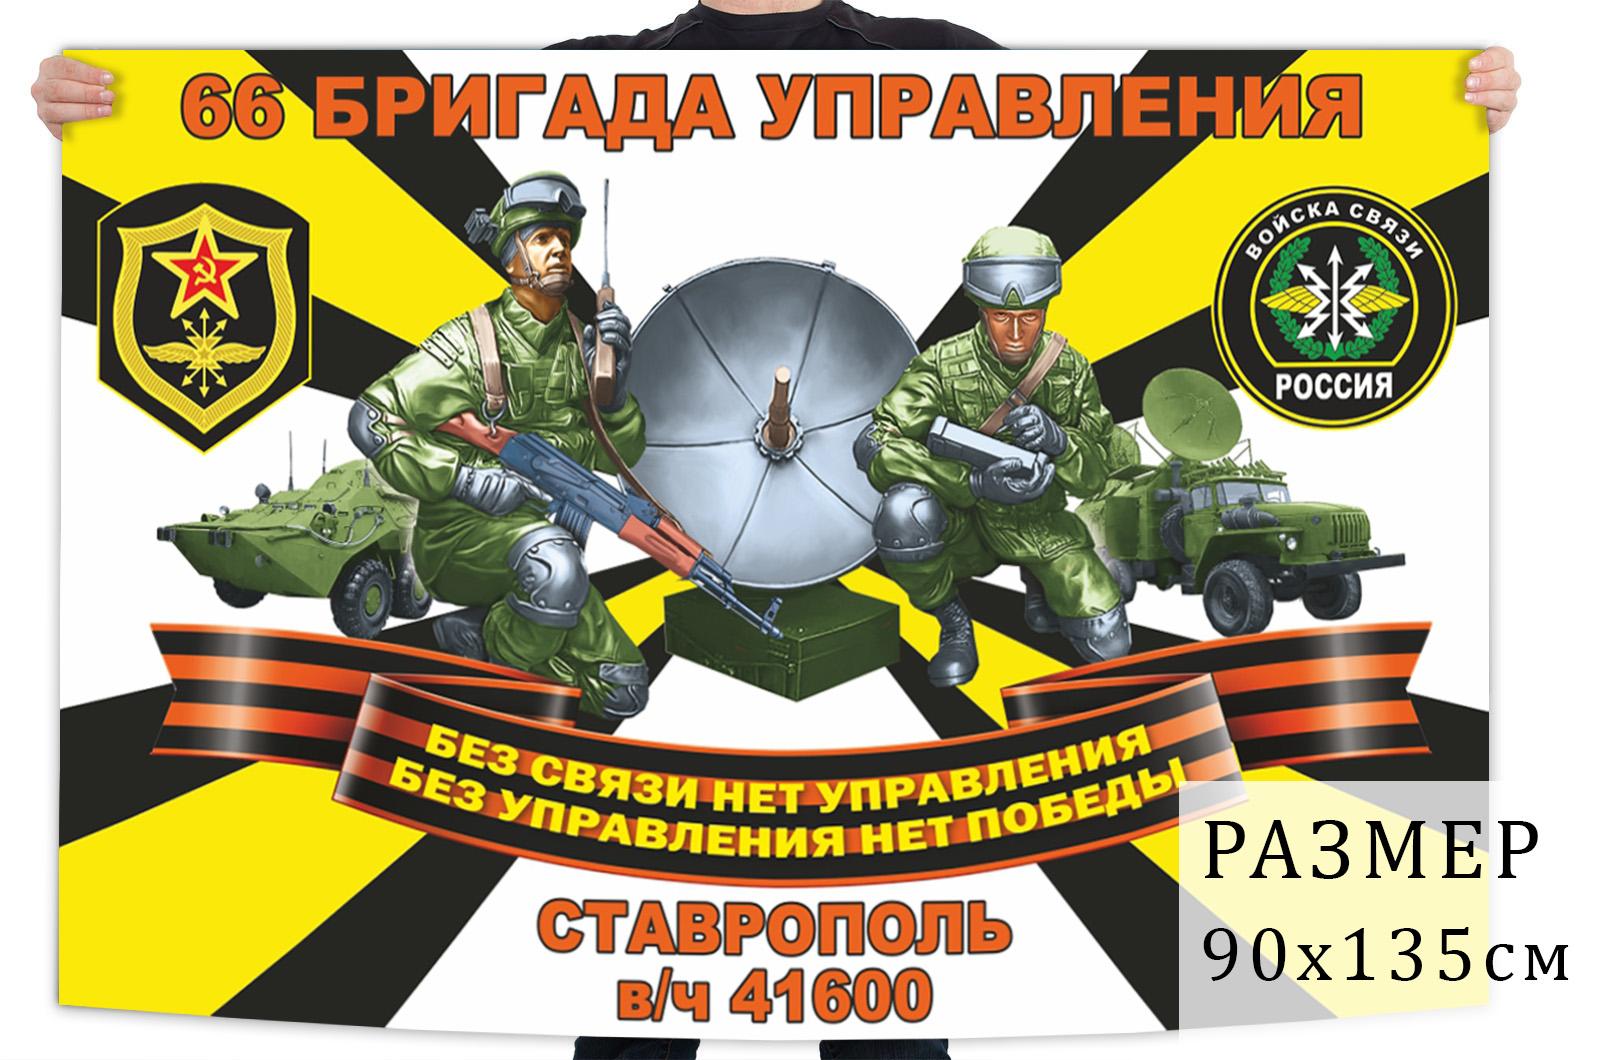 Флаг 66 бригады управления войск связи